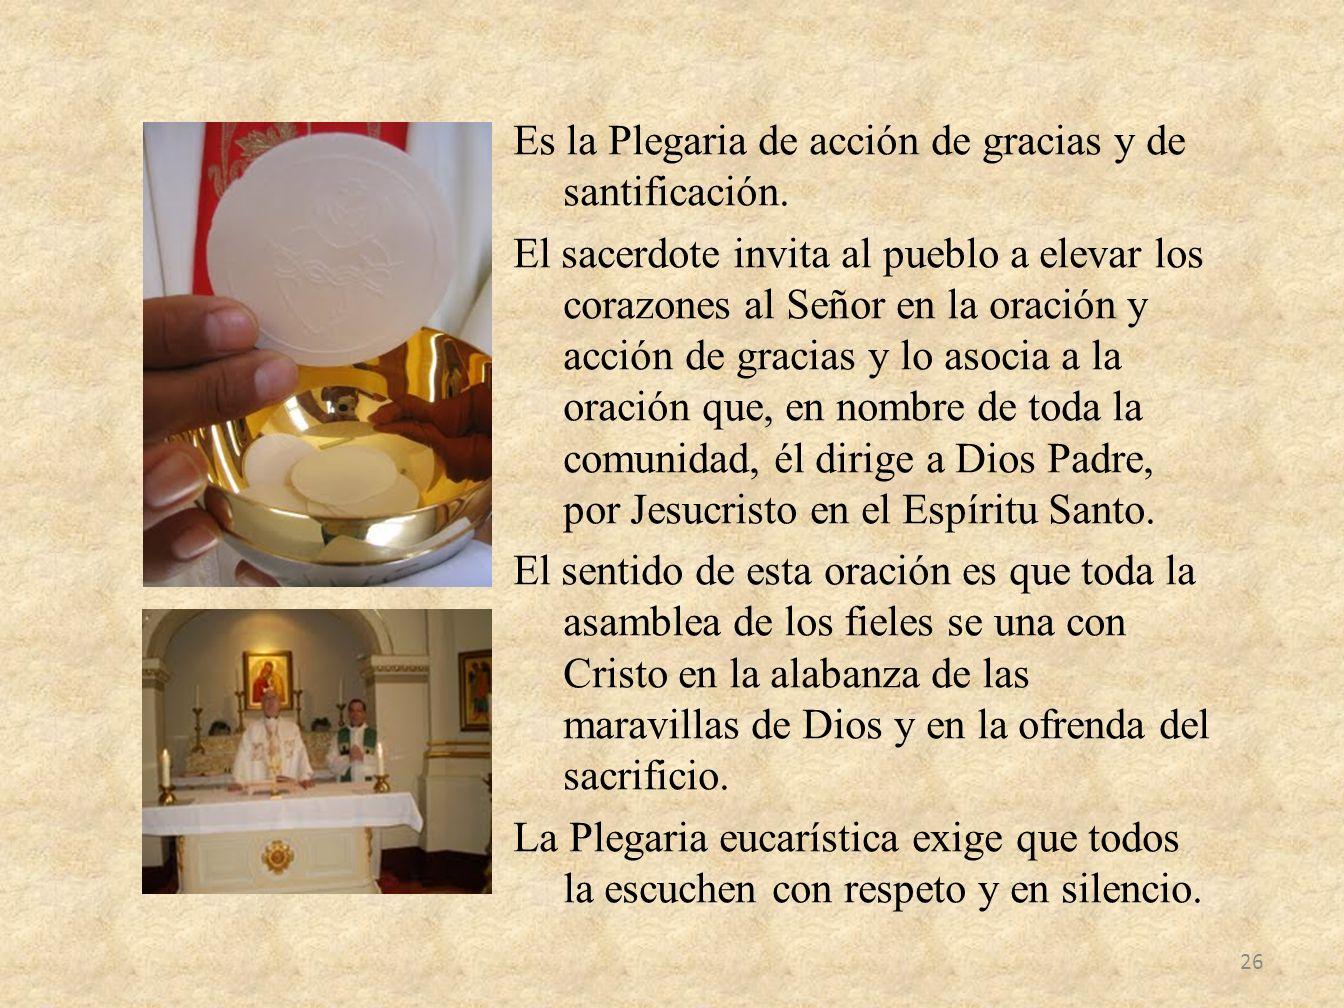 Es la Plegaria de acción de gracias y de santificación. El sacerdote invita al pueblo a elevar los corazones al Señor en la oración y acción de gracia